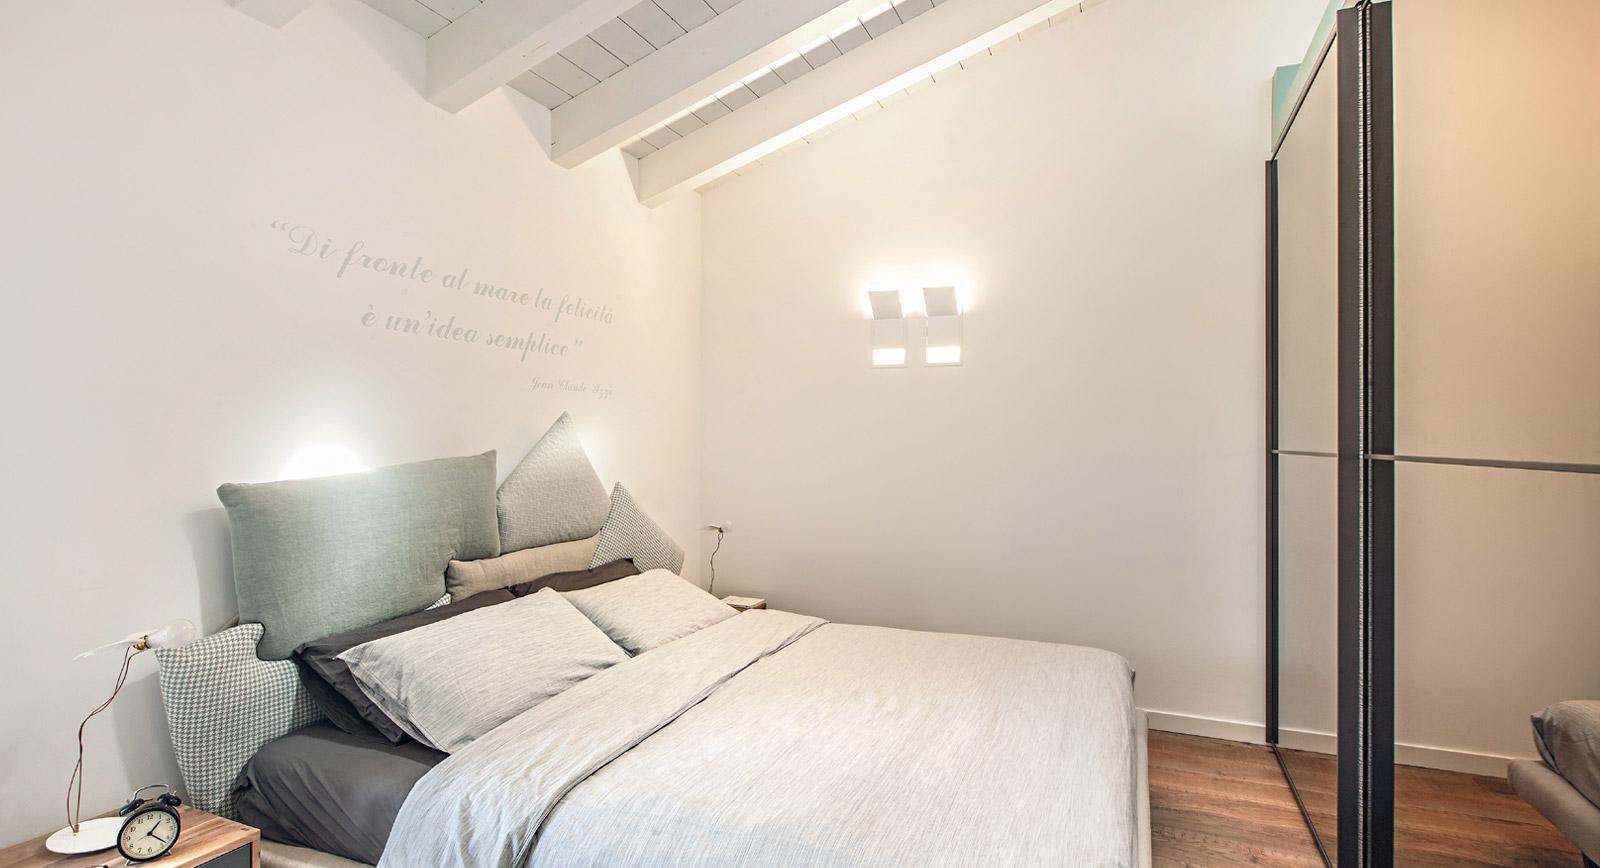 Arredare la camera da letto: minimal, classica o moderna?